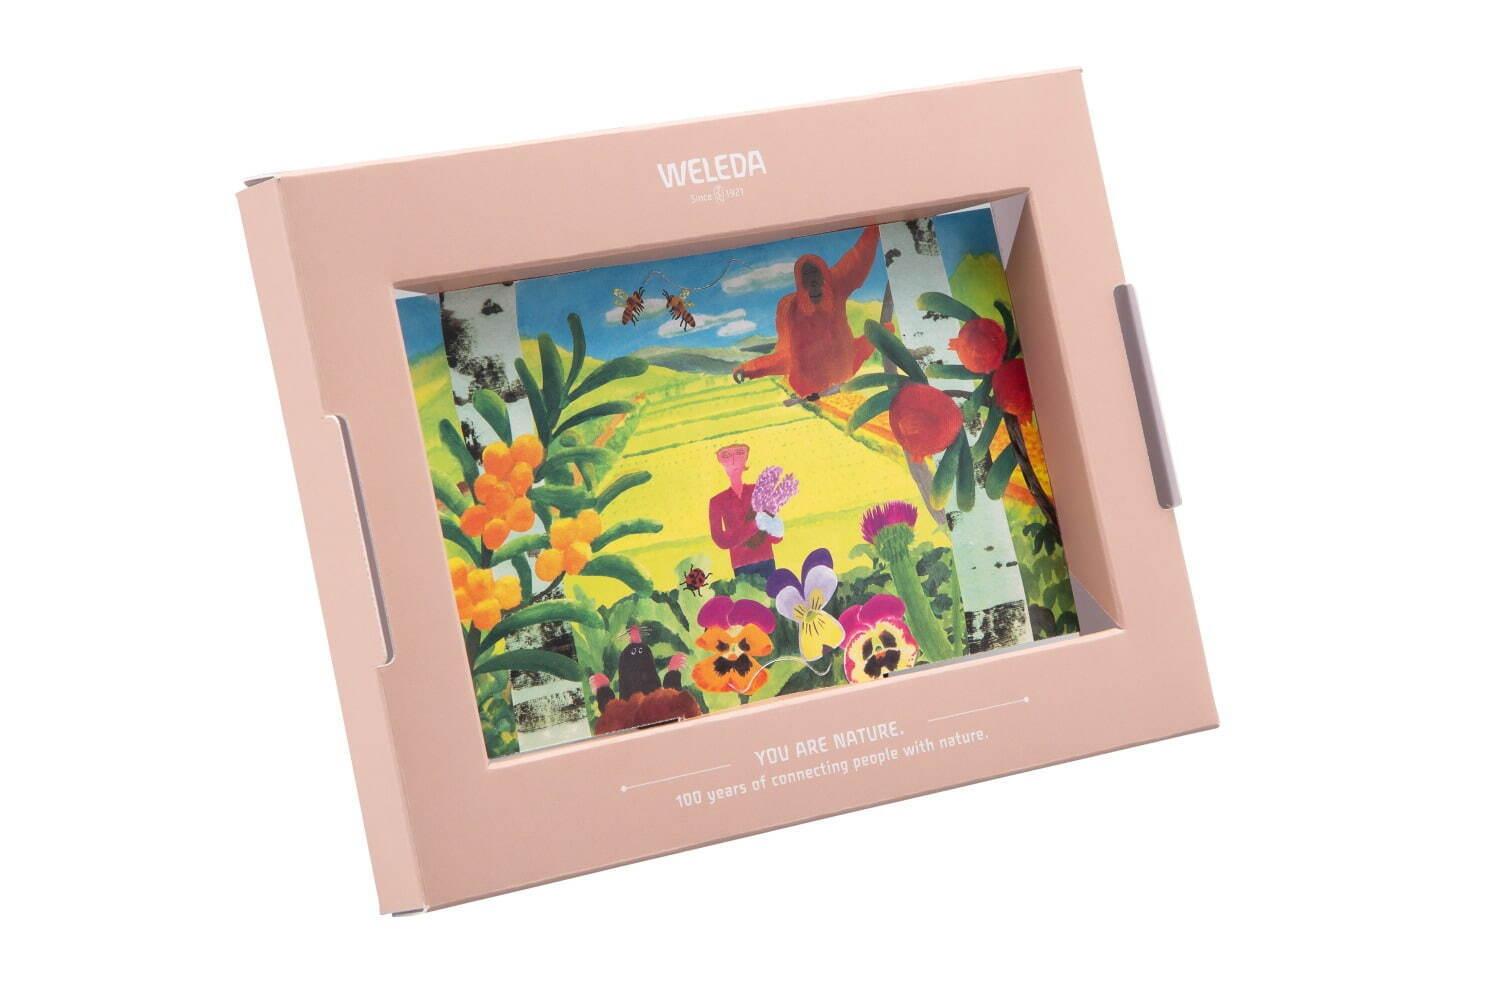 ヴェレダ シグネチャー ハンドクリーム セレブレーションセット 2,200円